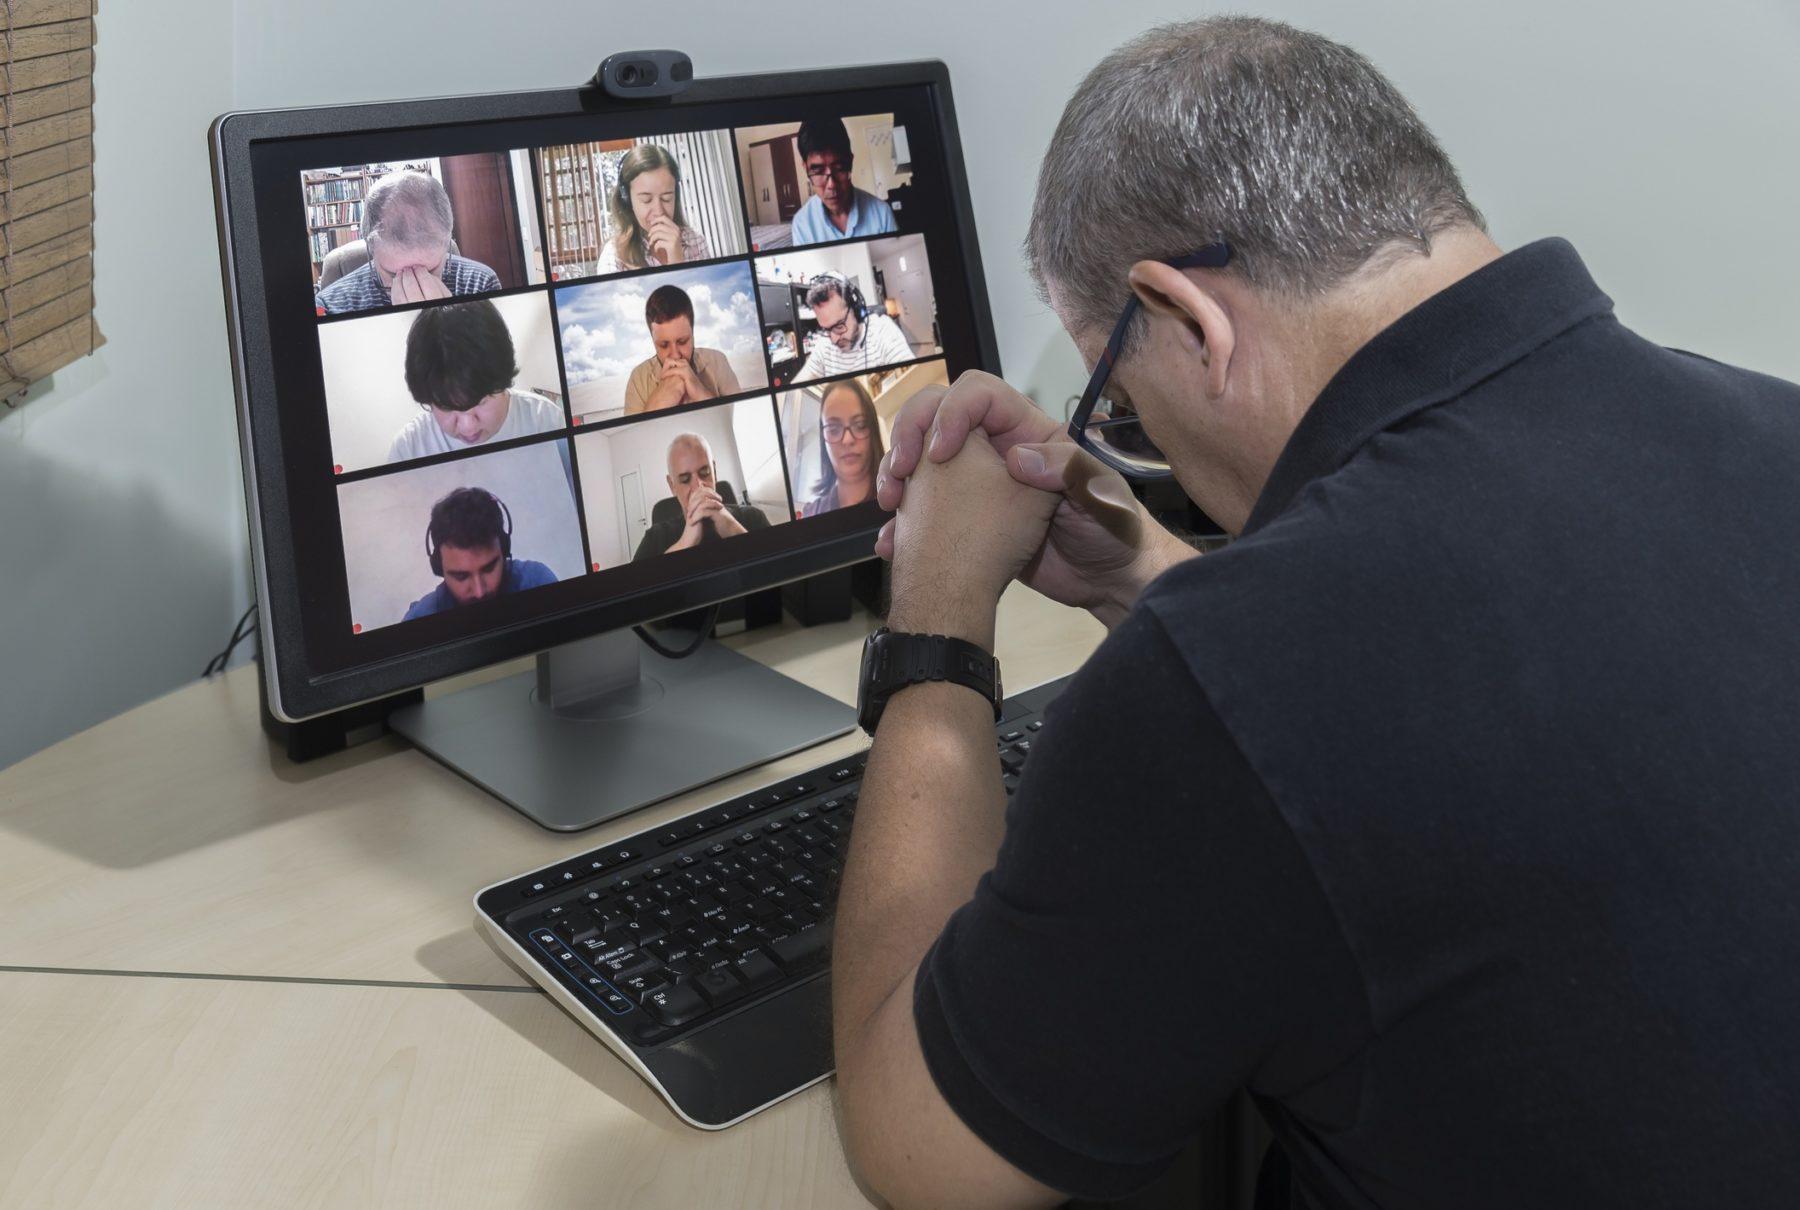 Réunion de prière en ligne par visioconférence.